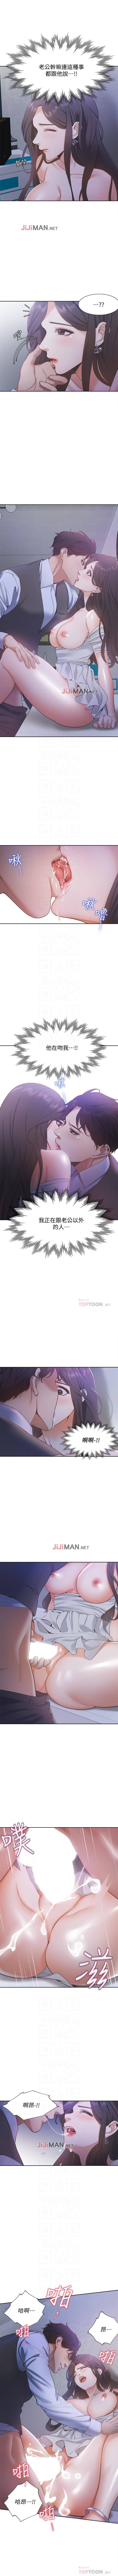 【周五连载】渴望:爱火难耐(作者:Appeal&格子17) 第1~24话 84